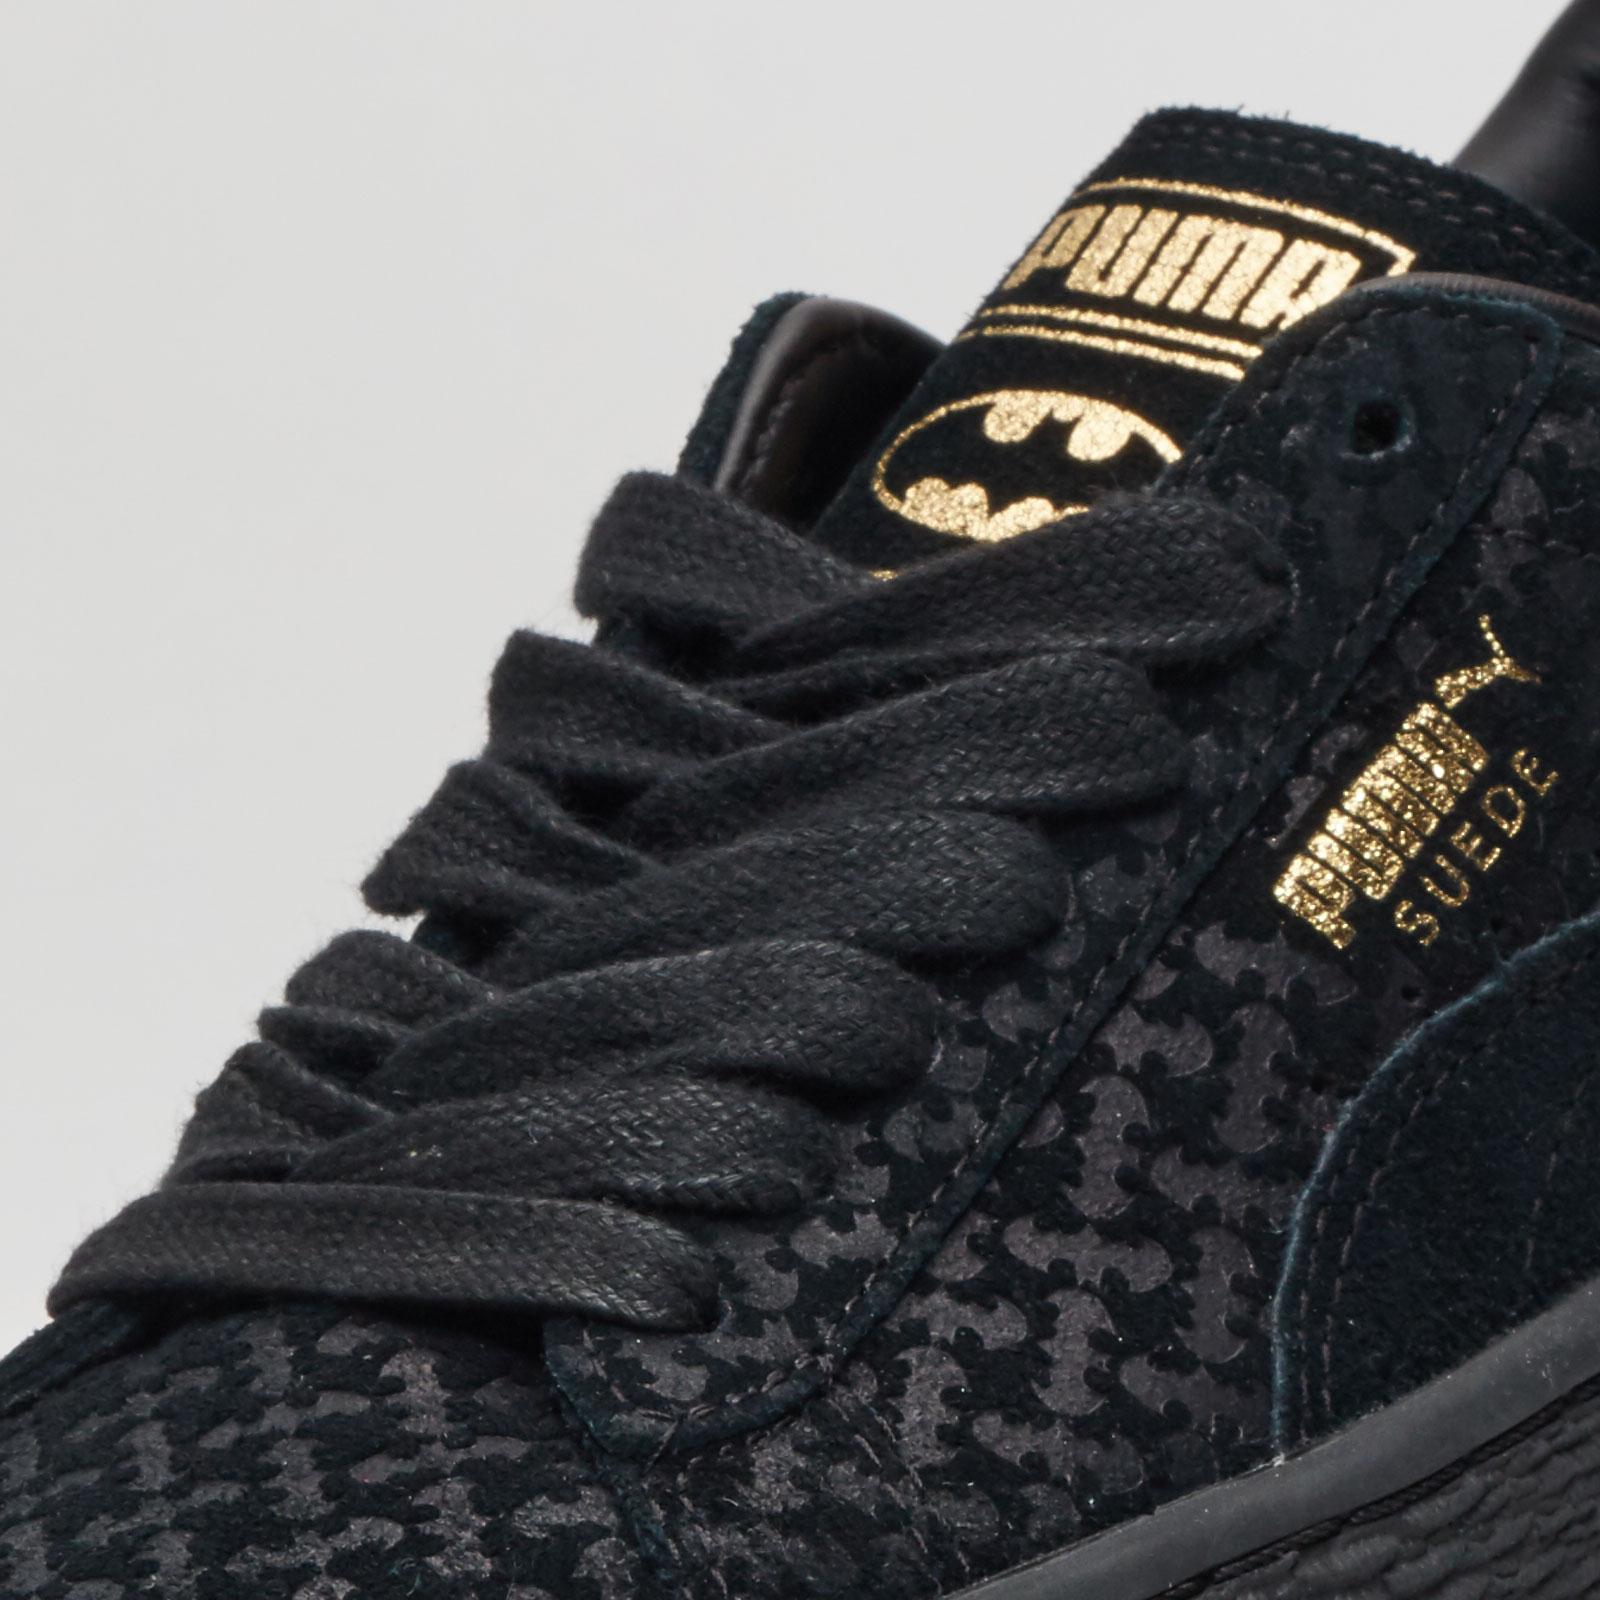 Puma Suede Batman Fm Jr - 362493-01 - Sneakersnstuff  5e0cabb28